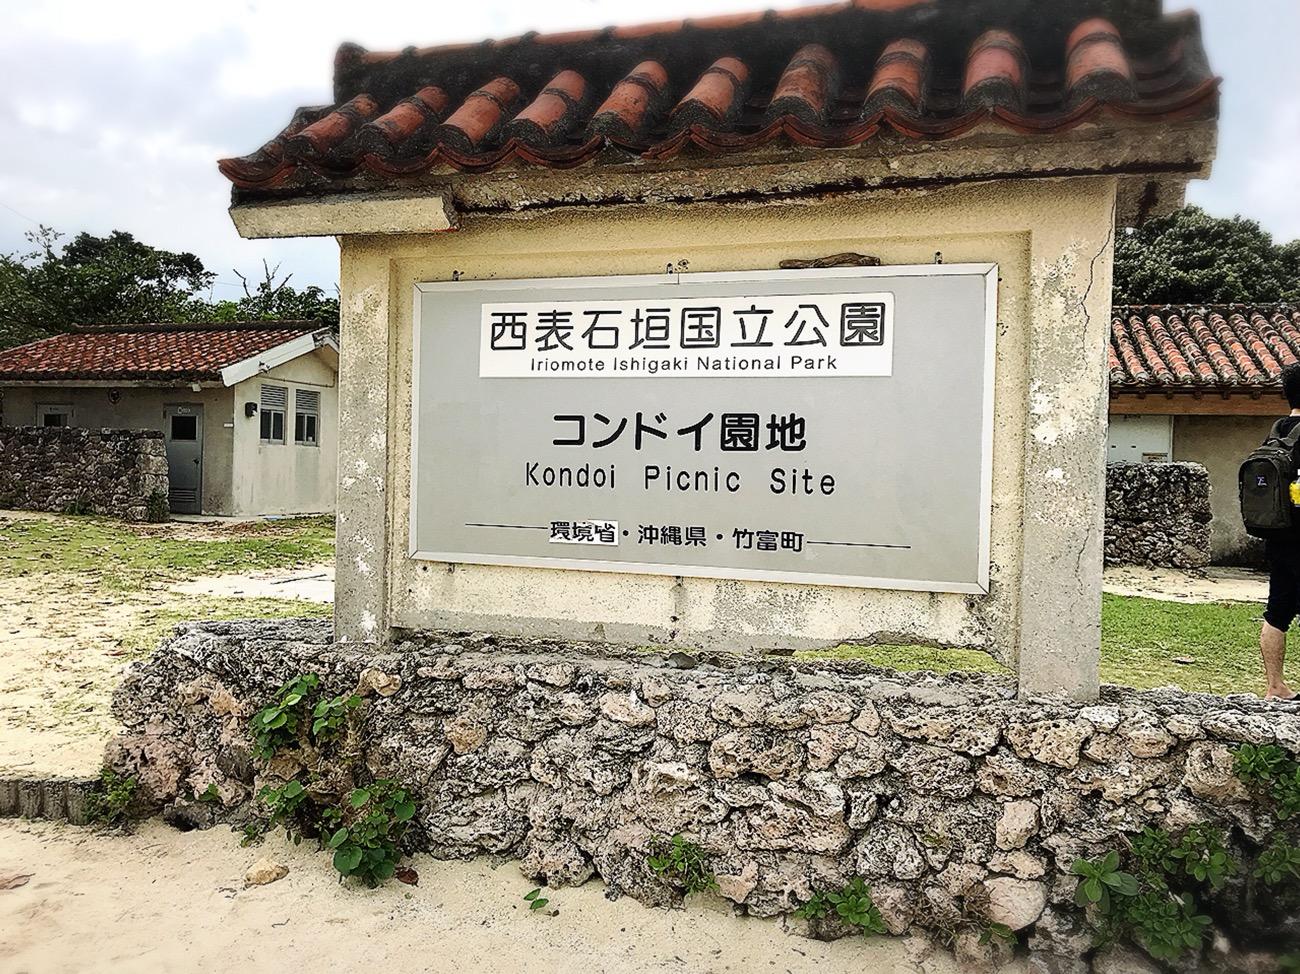 竹富島観光マップサイクリングでコンドイビーチ